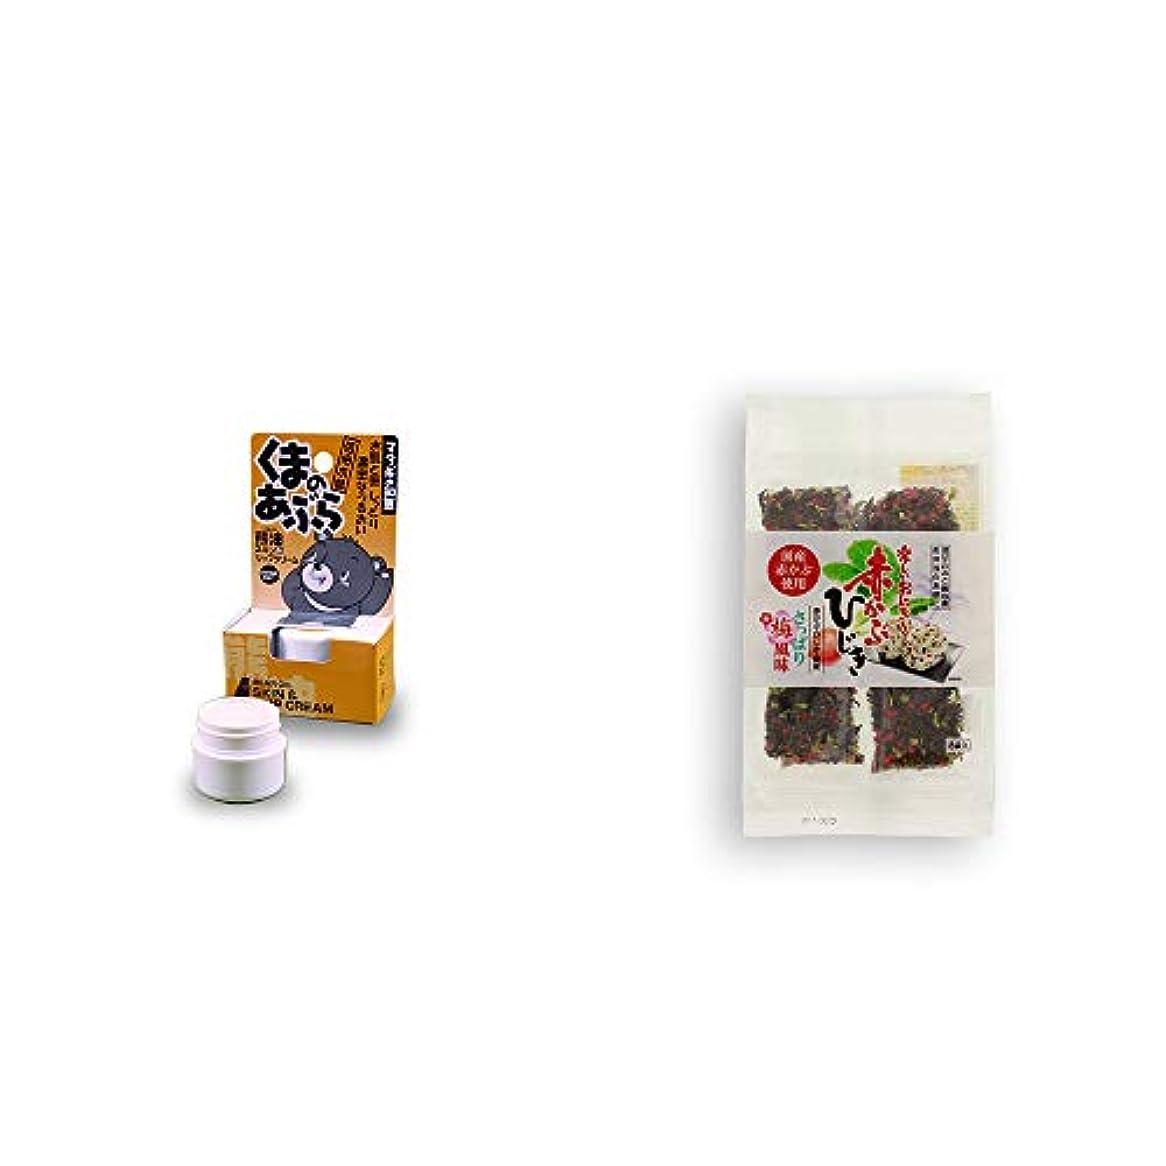 陰気薄める超音速[2点セット] 信州木曽 くまのあぶら 熊油スキン&リップクリーム(9g)?楽しいおにぎり 赤かぶひじき(8g×8袋)